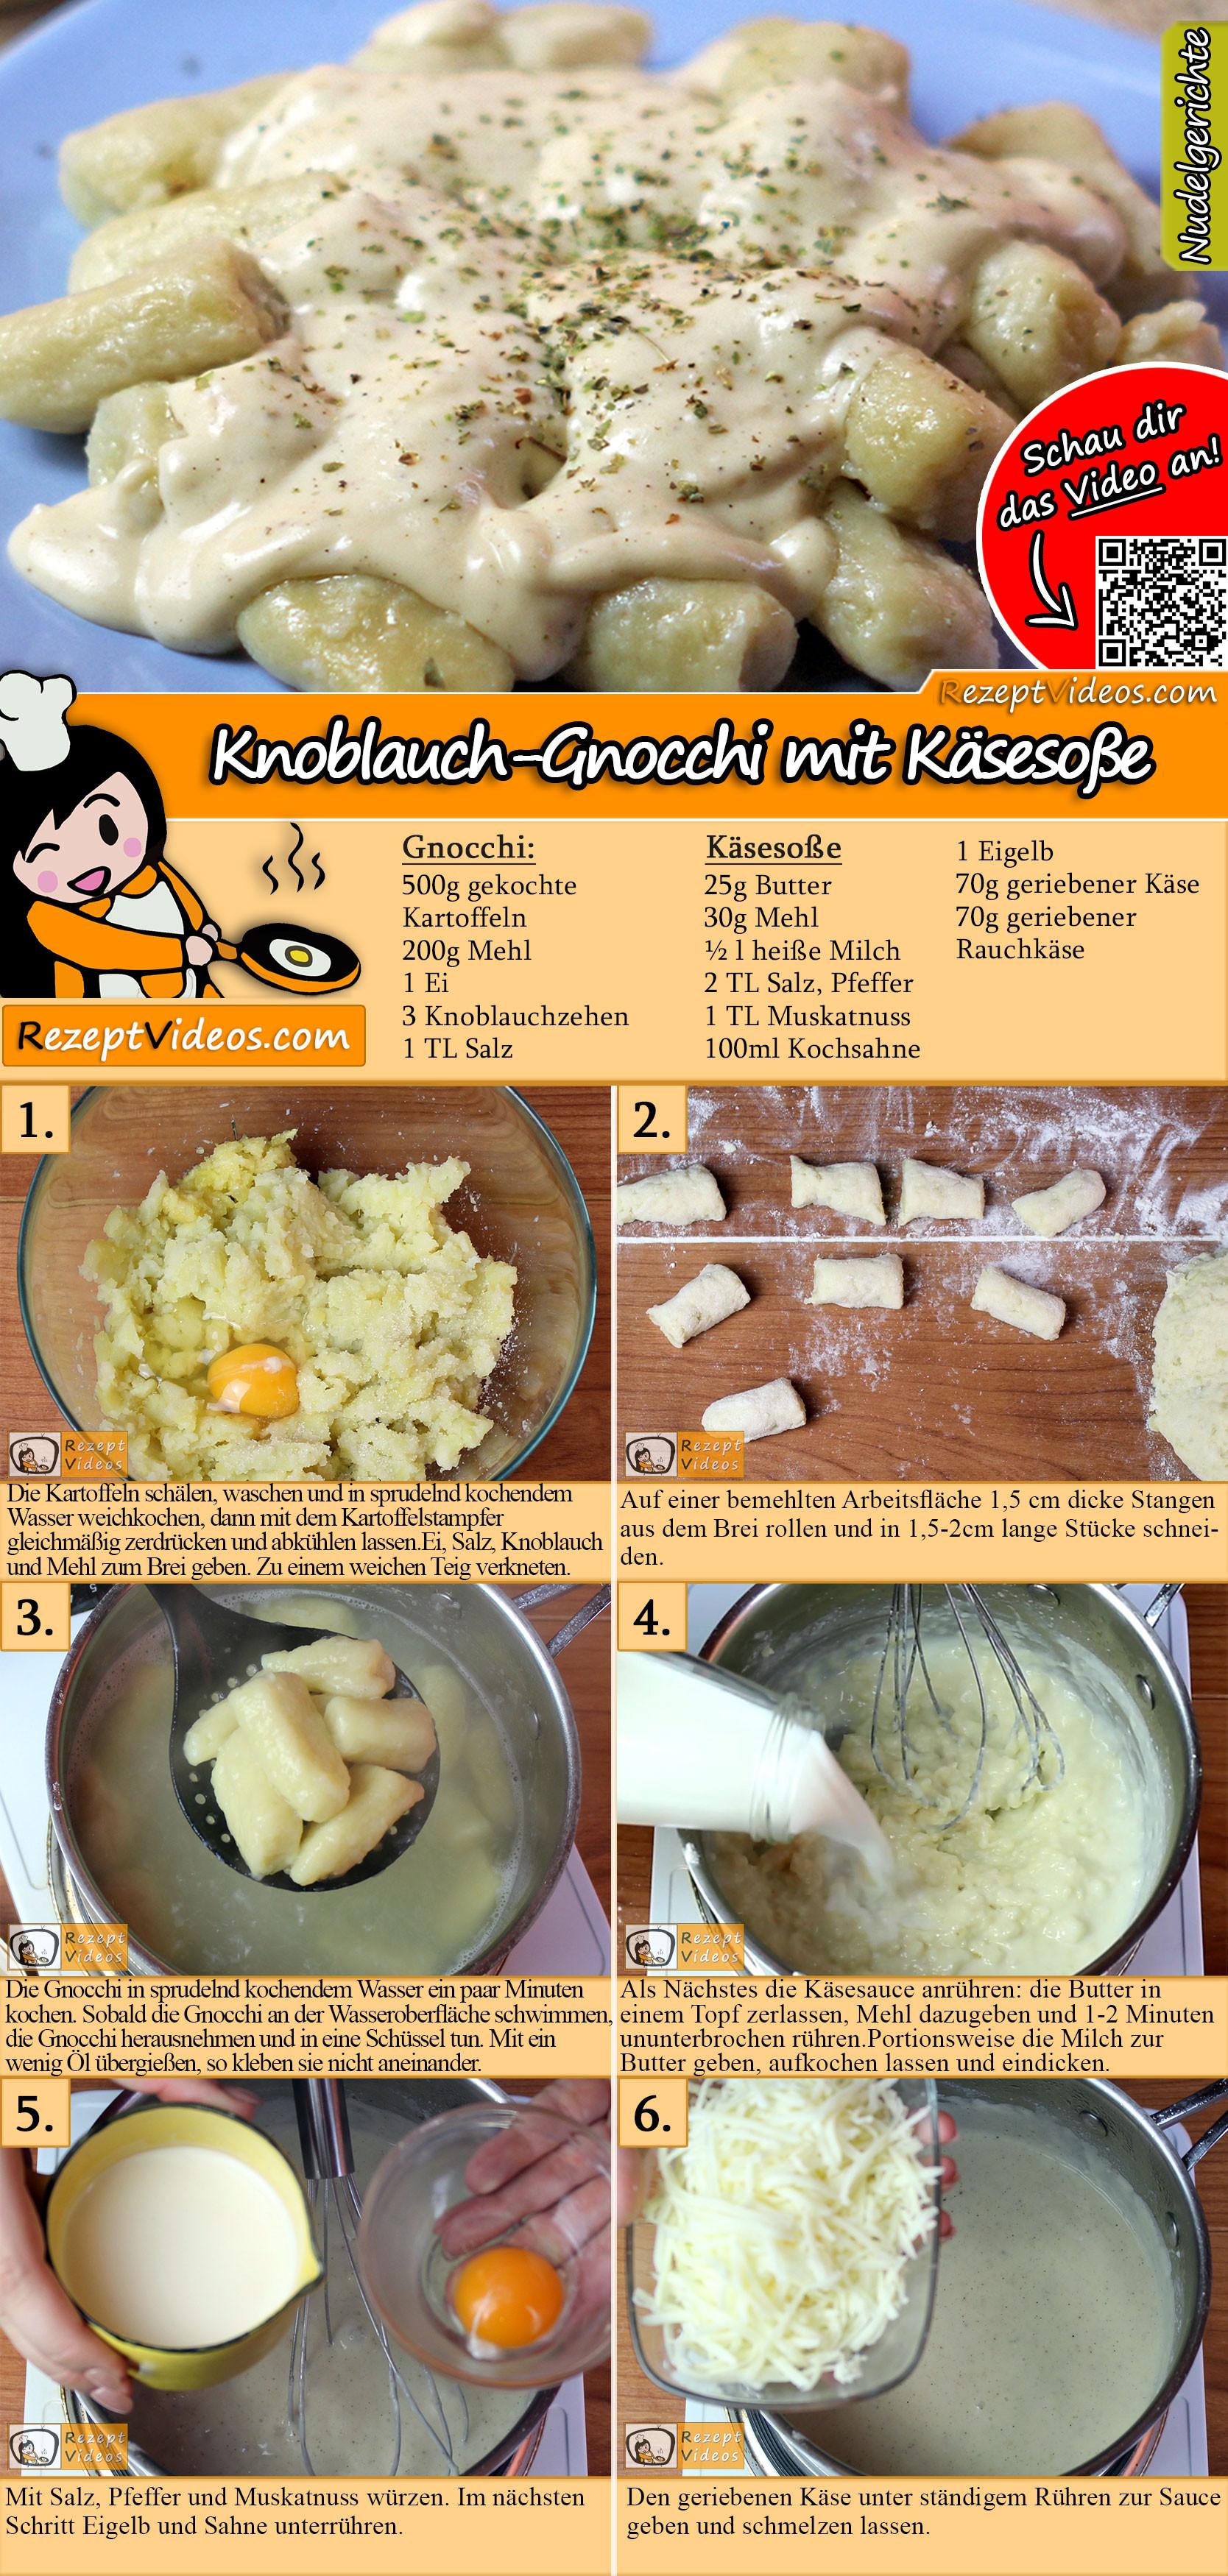 Knoblauch-Gnocchi mit Käsesoße Rezept mit Video